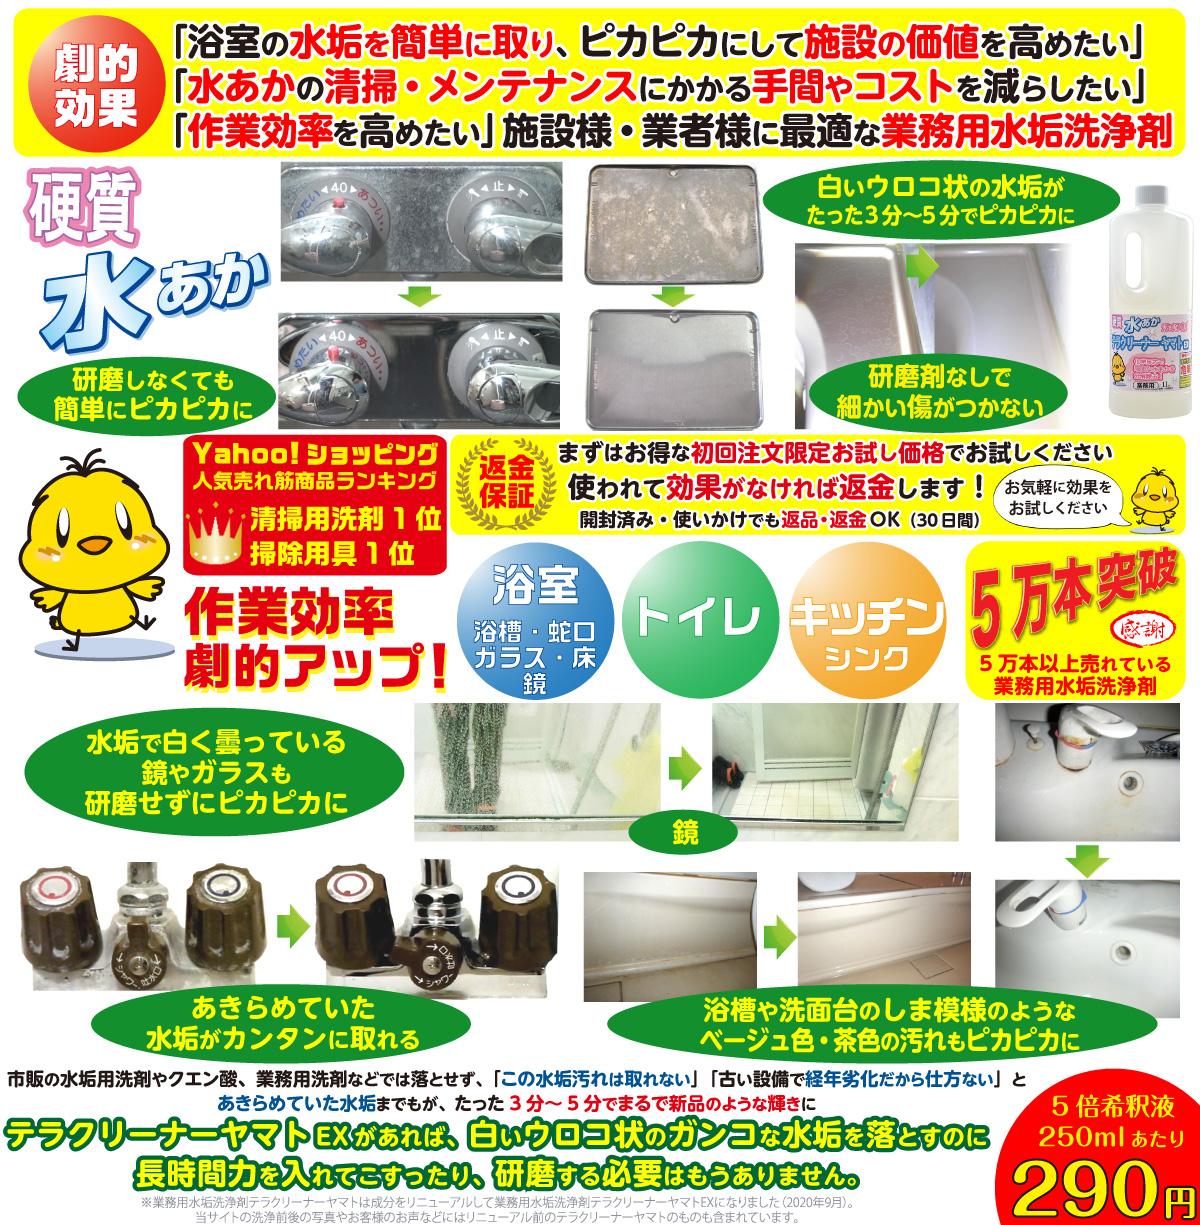 お風呂の浴槽や鏡、キッチンのステンレスシンクの水垢落とし洗剤テラクリーナーヤマト